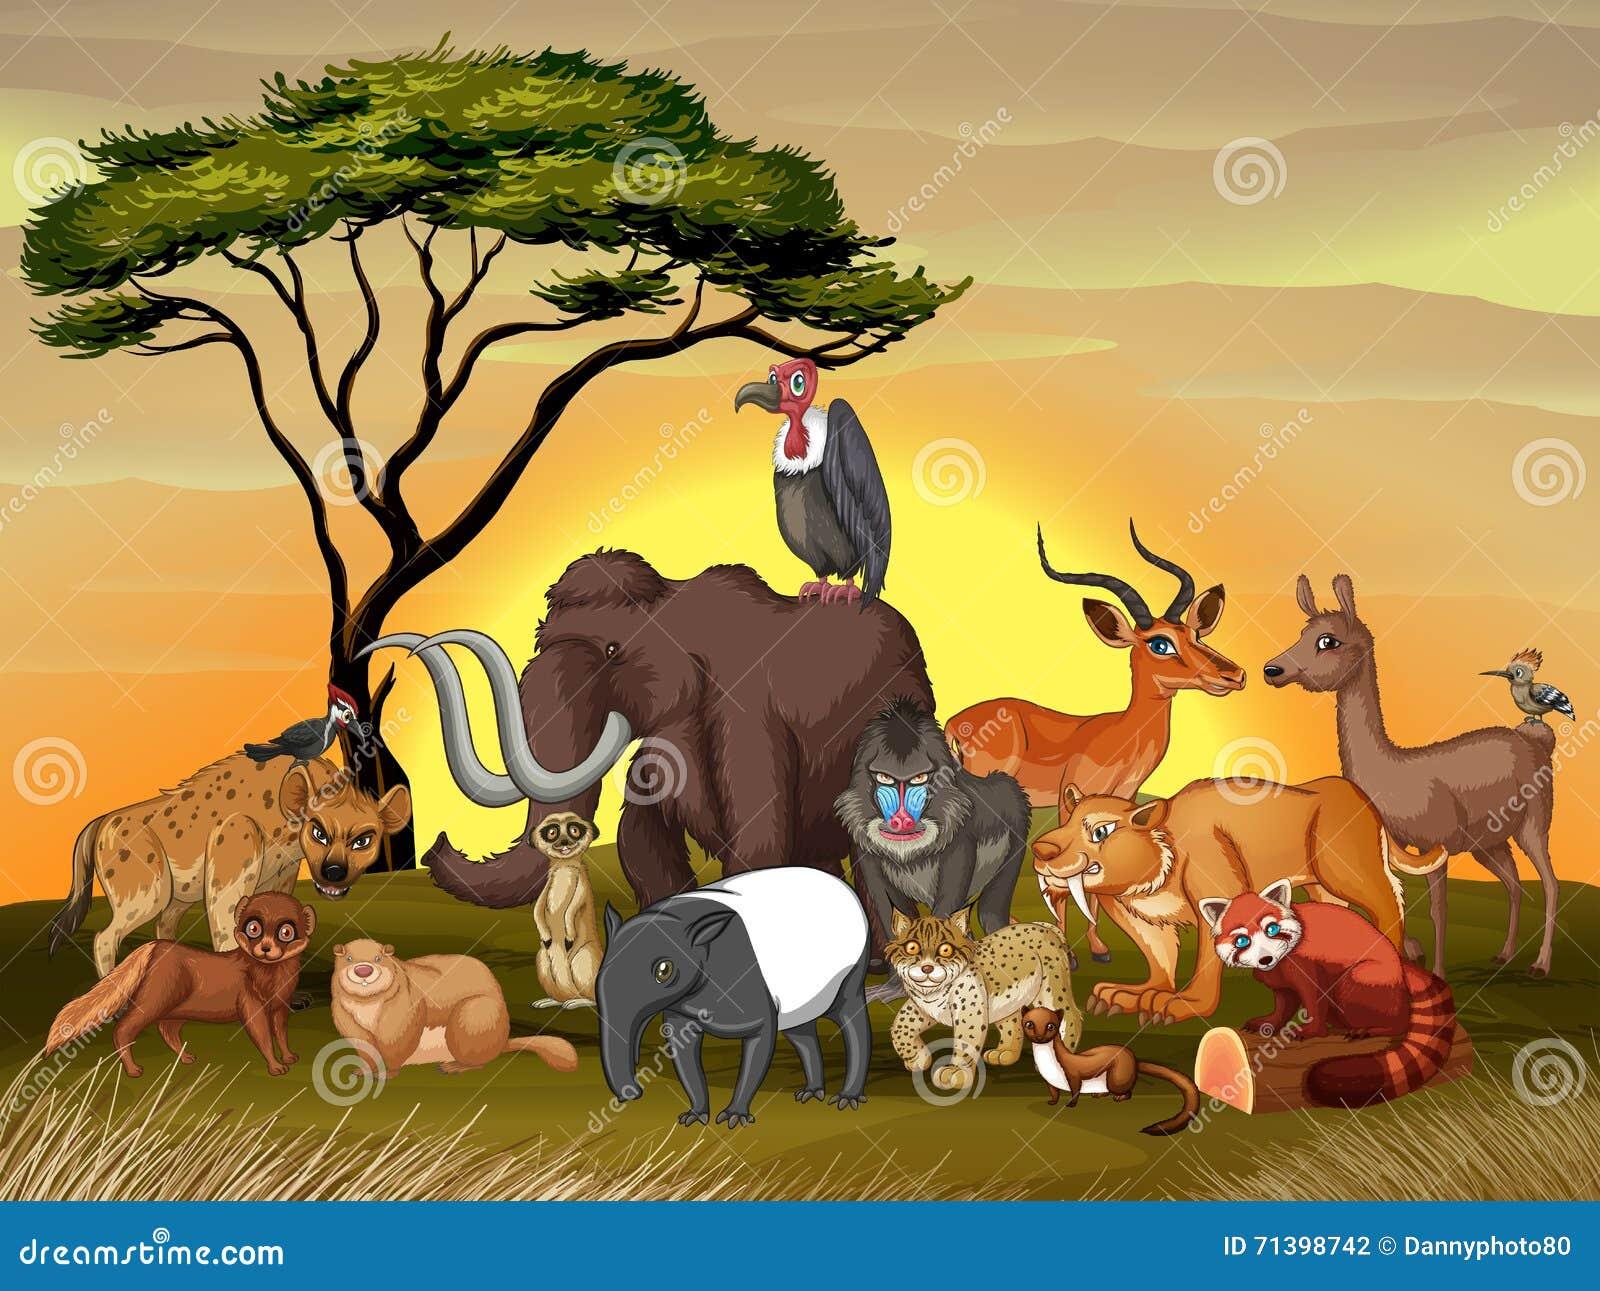 Wild Animals In The Savanna Field Stock Illustration - Image: 71398742